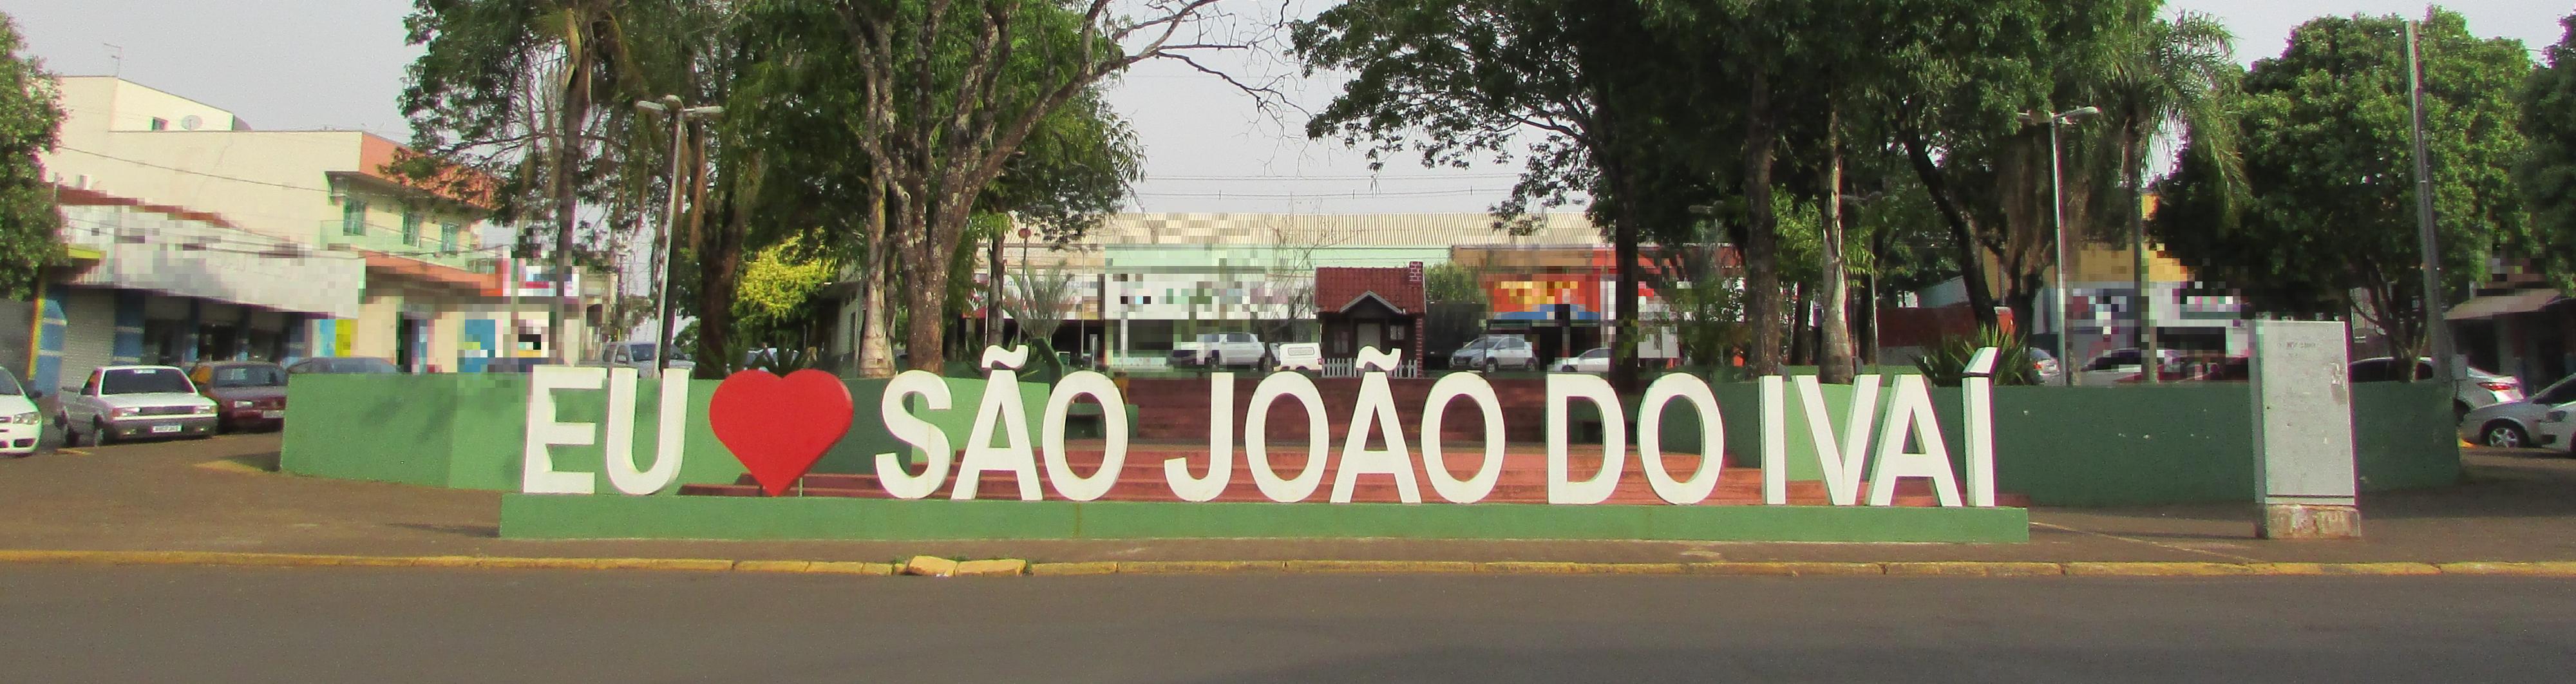 Praça Duque de Caxias